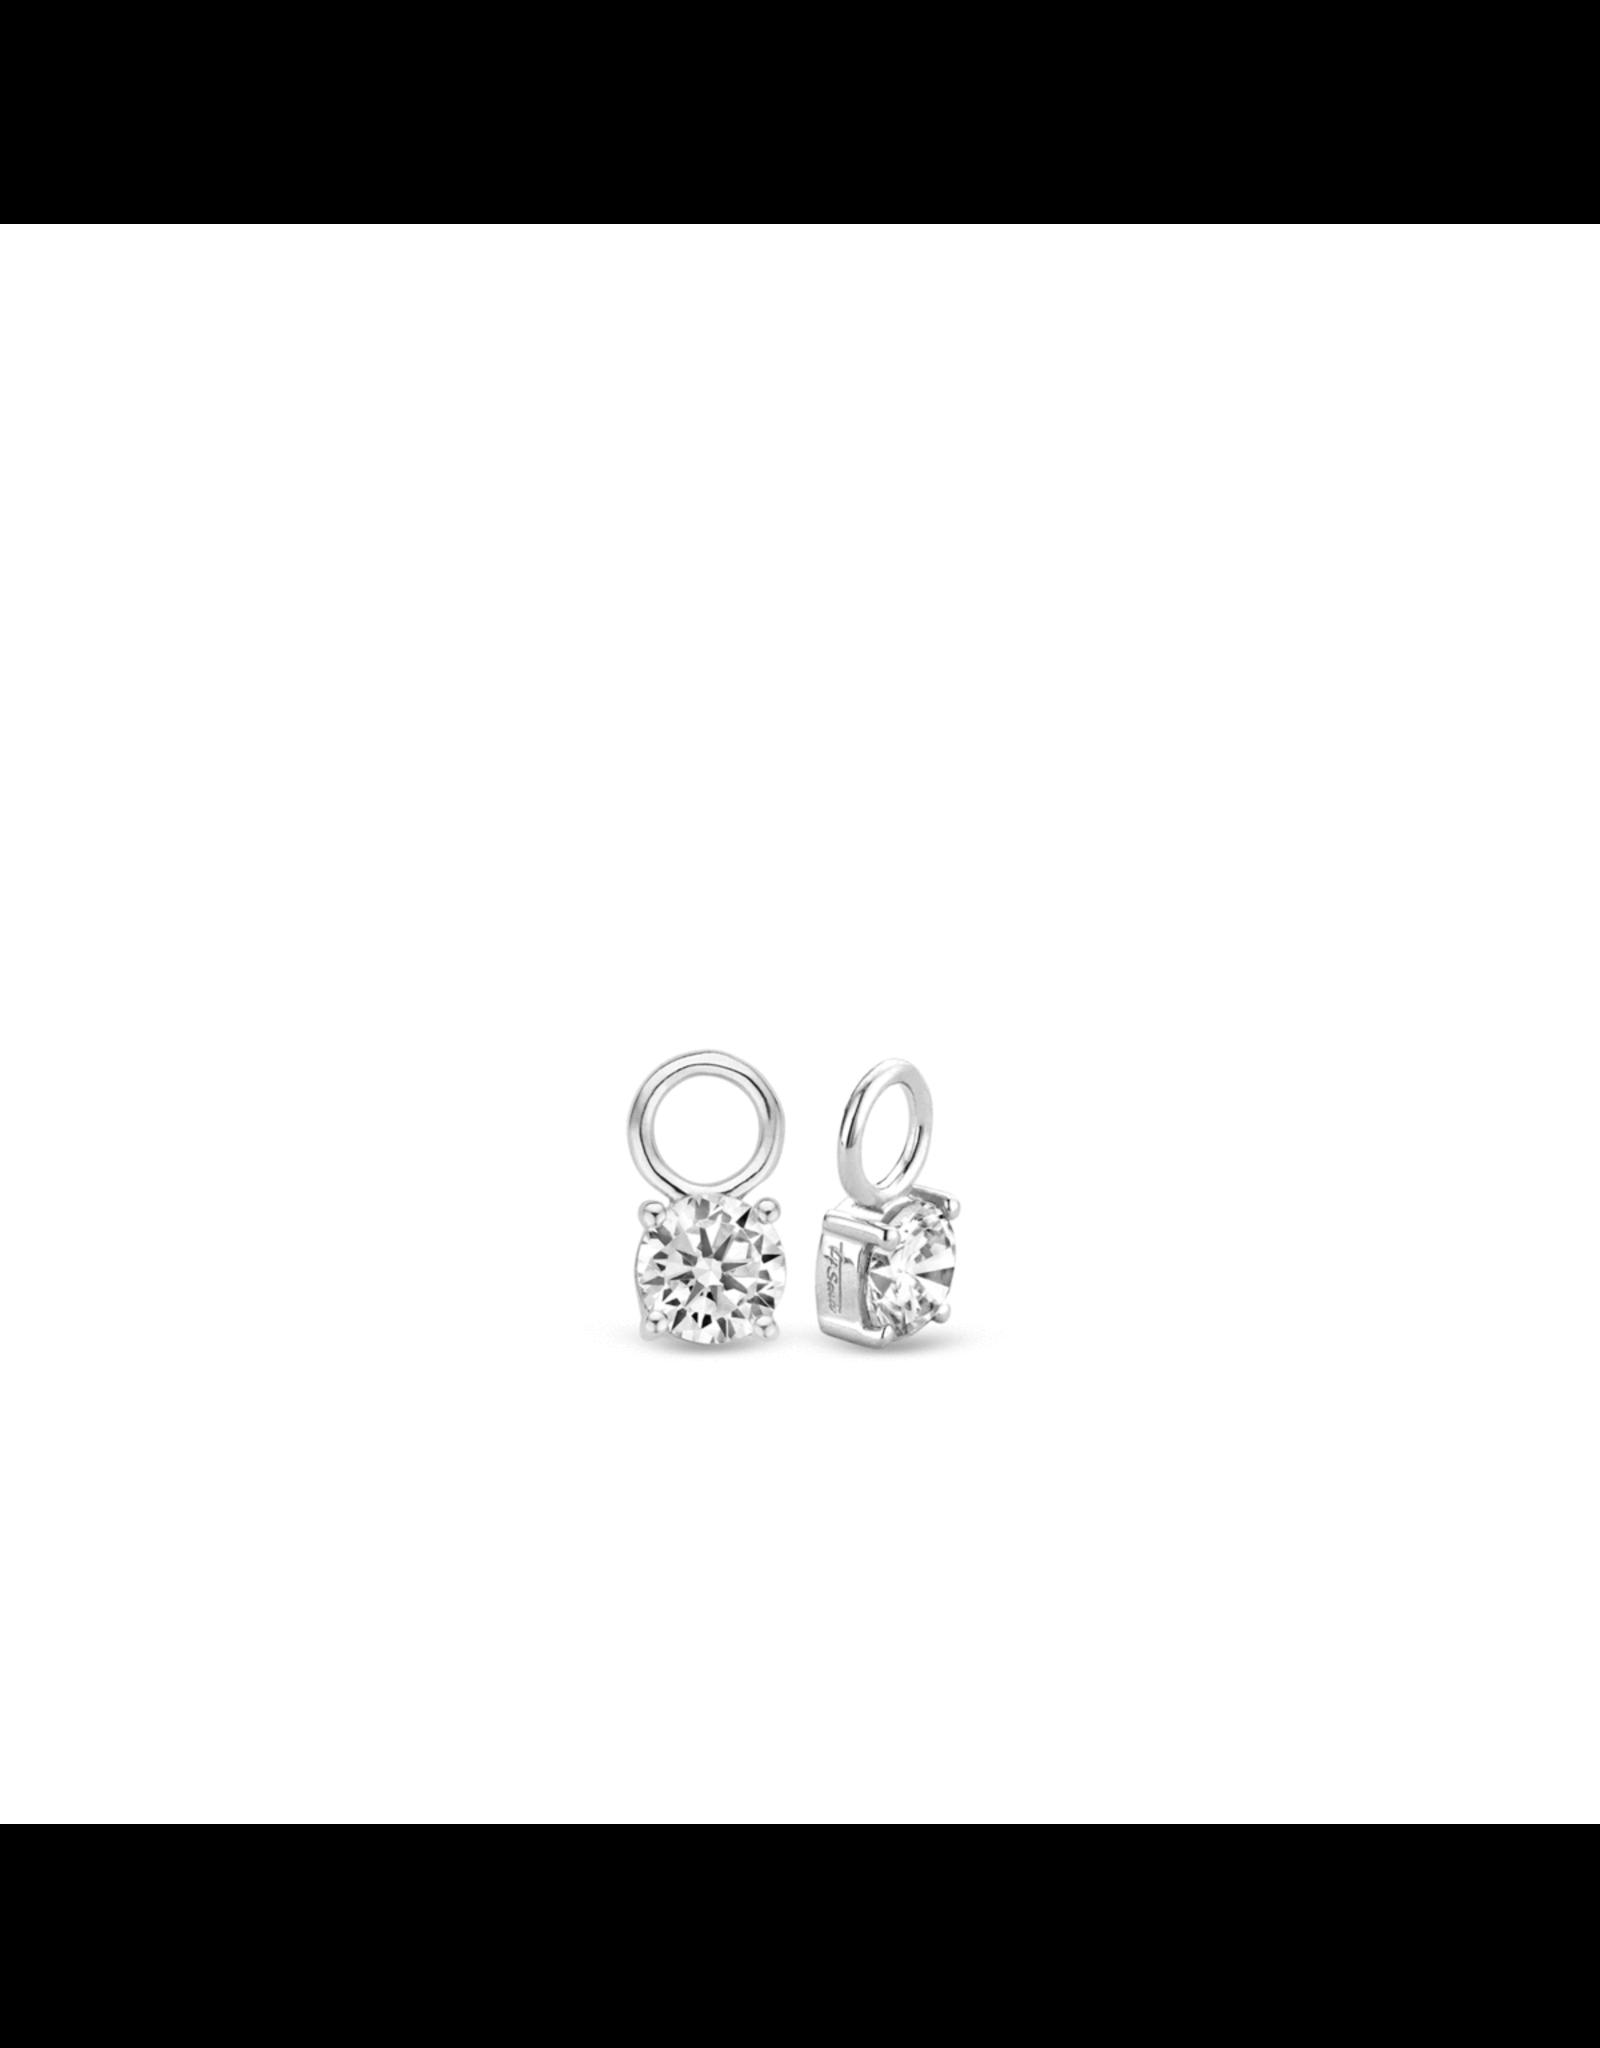 Zirconia Earring Charms (6mm)- 9142ZI